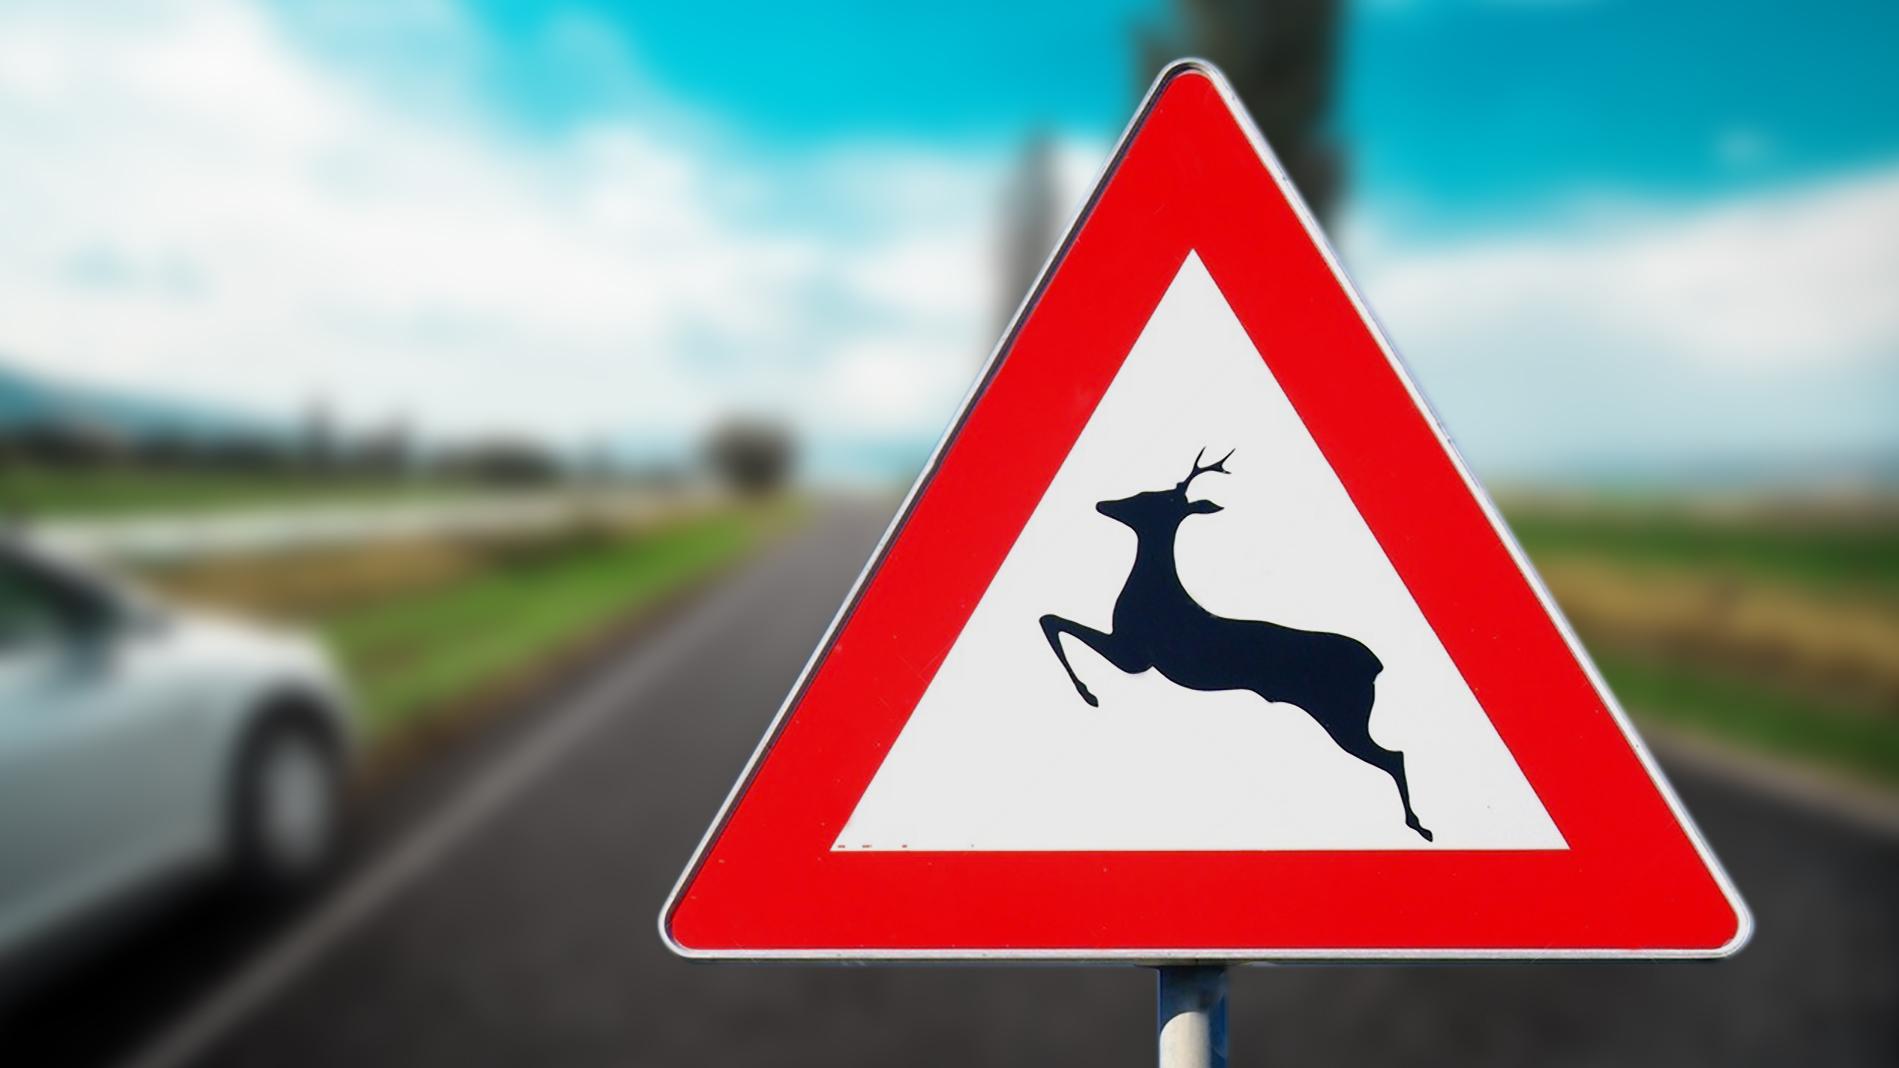 Incidente con fauna selvatica - Carrozzeria Bergamo e provincia